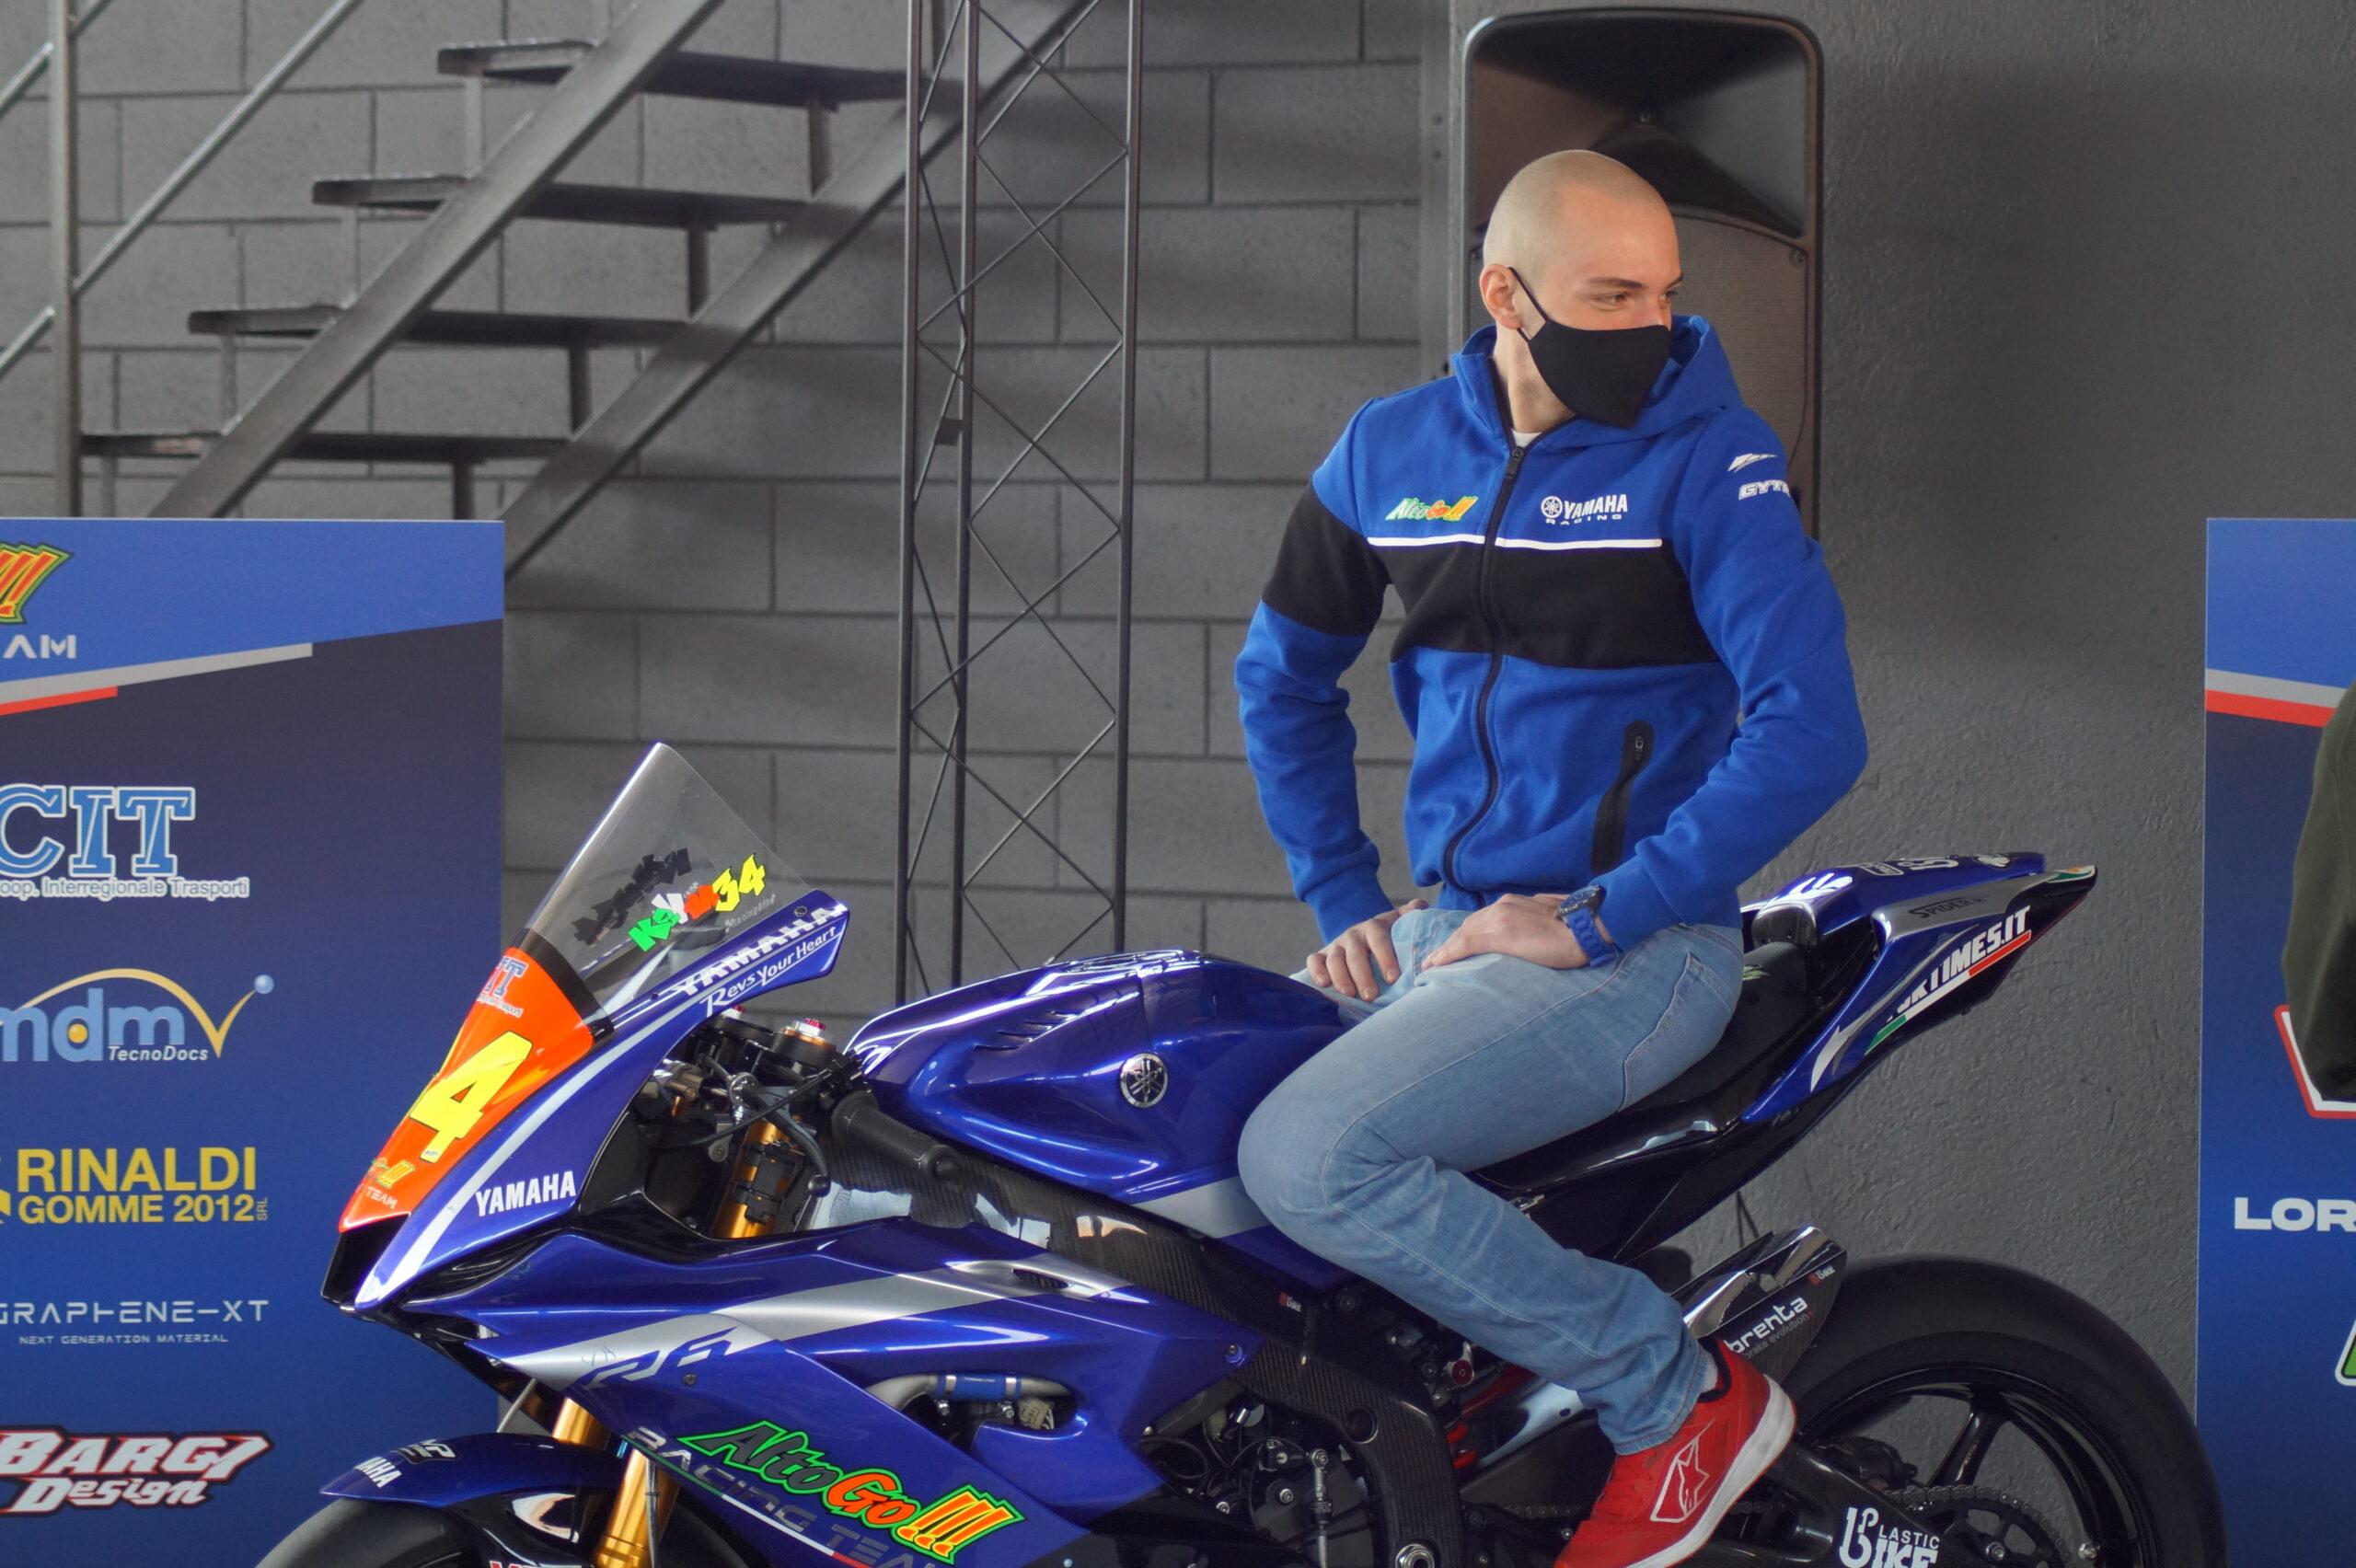 Our Rider Lorenzo Gasperini #55